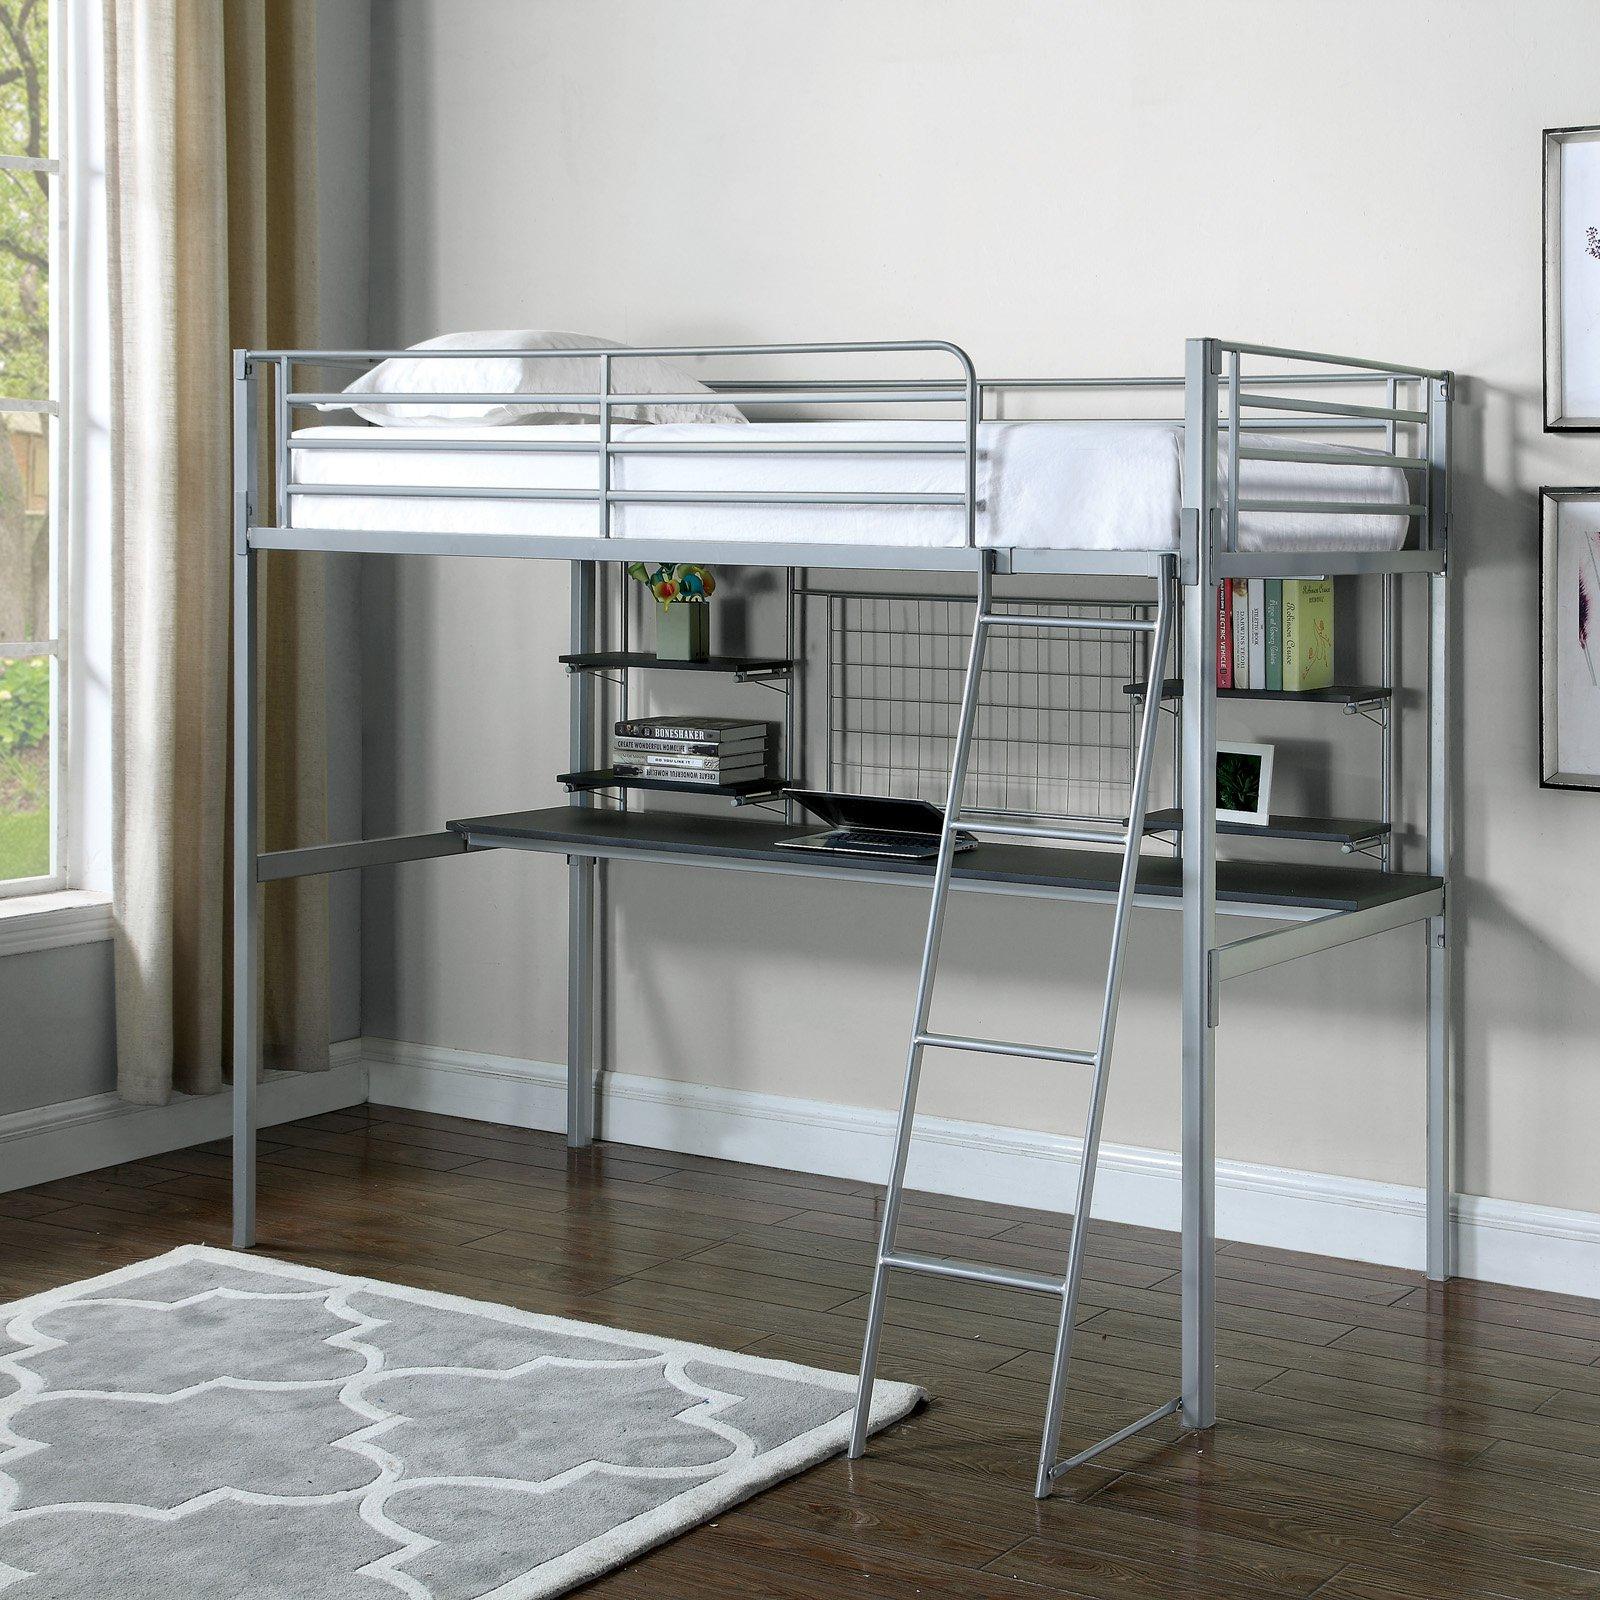 Boltzero Loft Bunk Bed in Silver